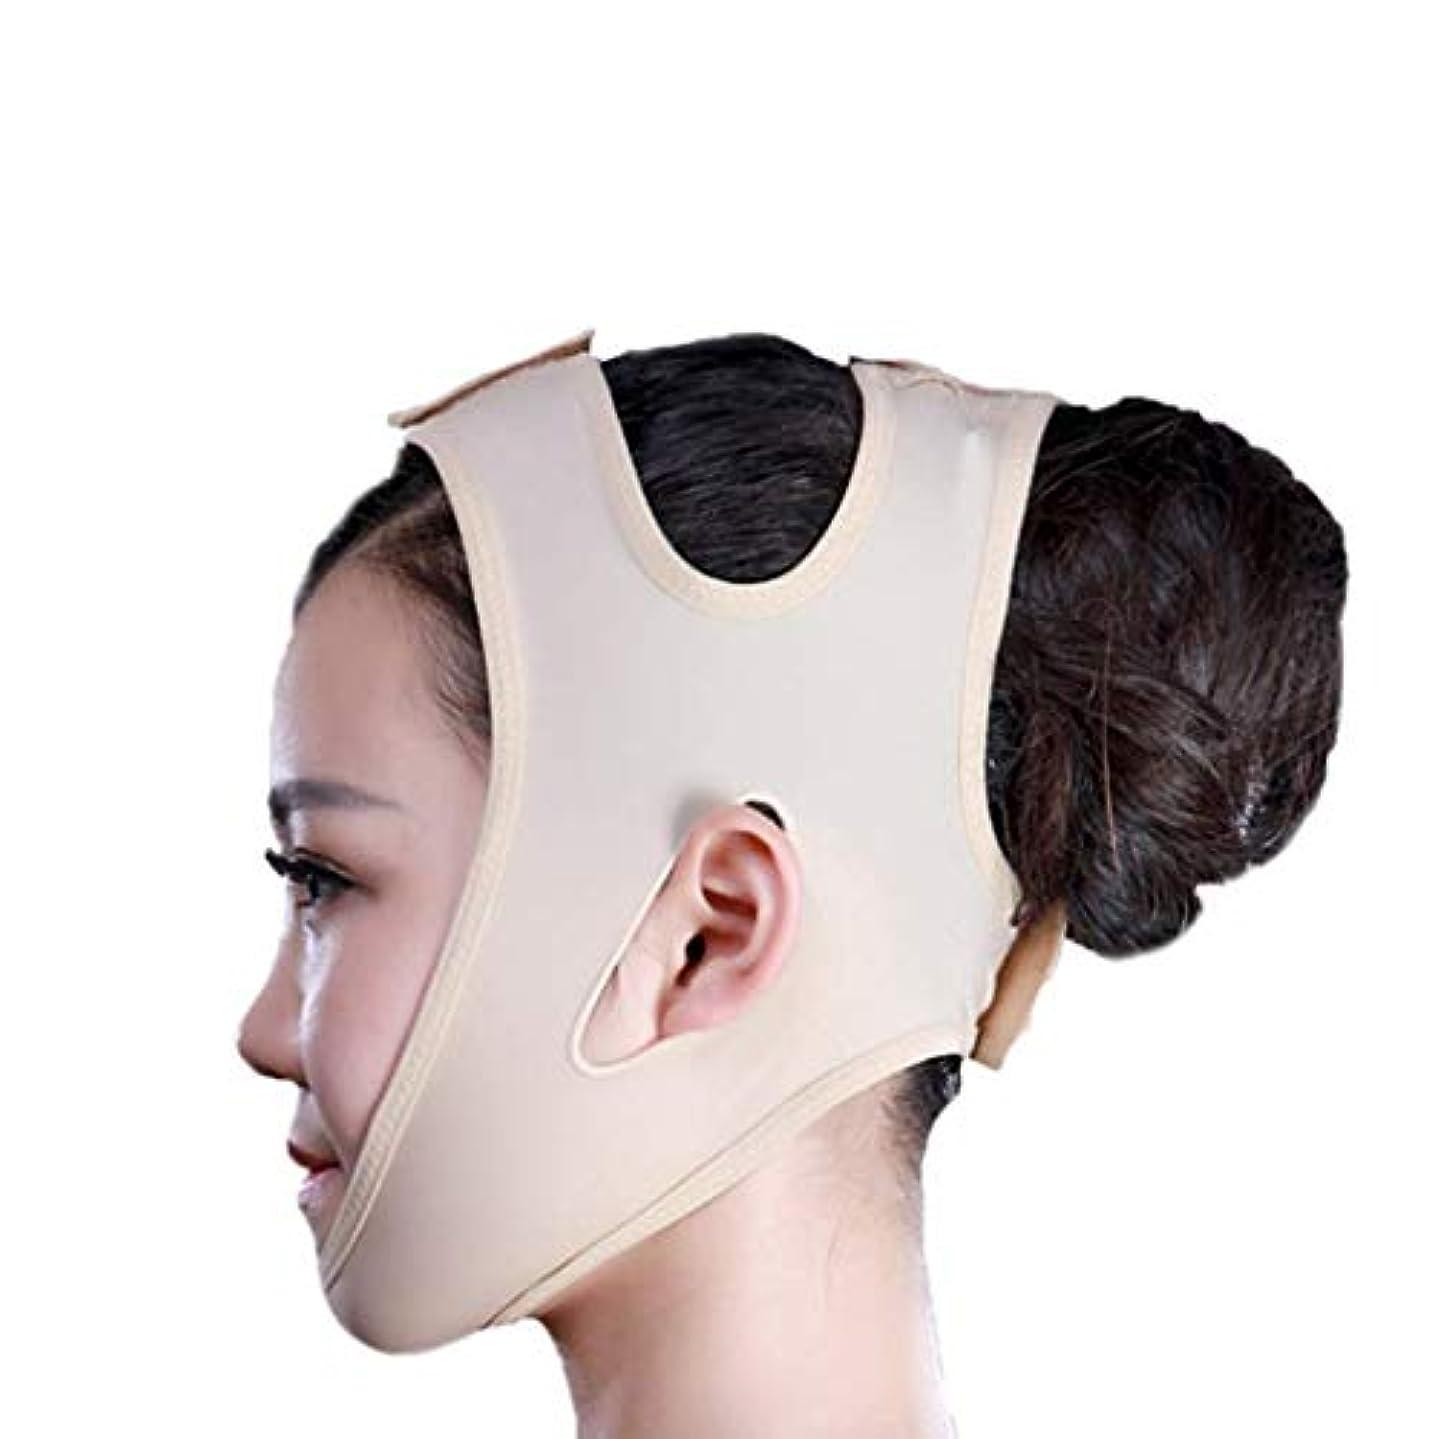 品揃え自動化葉巻フェイススリミングマスク、快適さと通気性、フェイシャルリフティング、輪郭の改善された硬さ、ファーミングとリフティングフェイス(カラー:ブラック、サイズ:XL),黄色がかったピンク、S